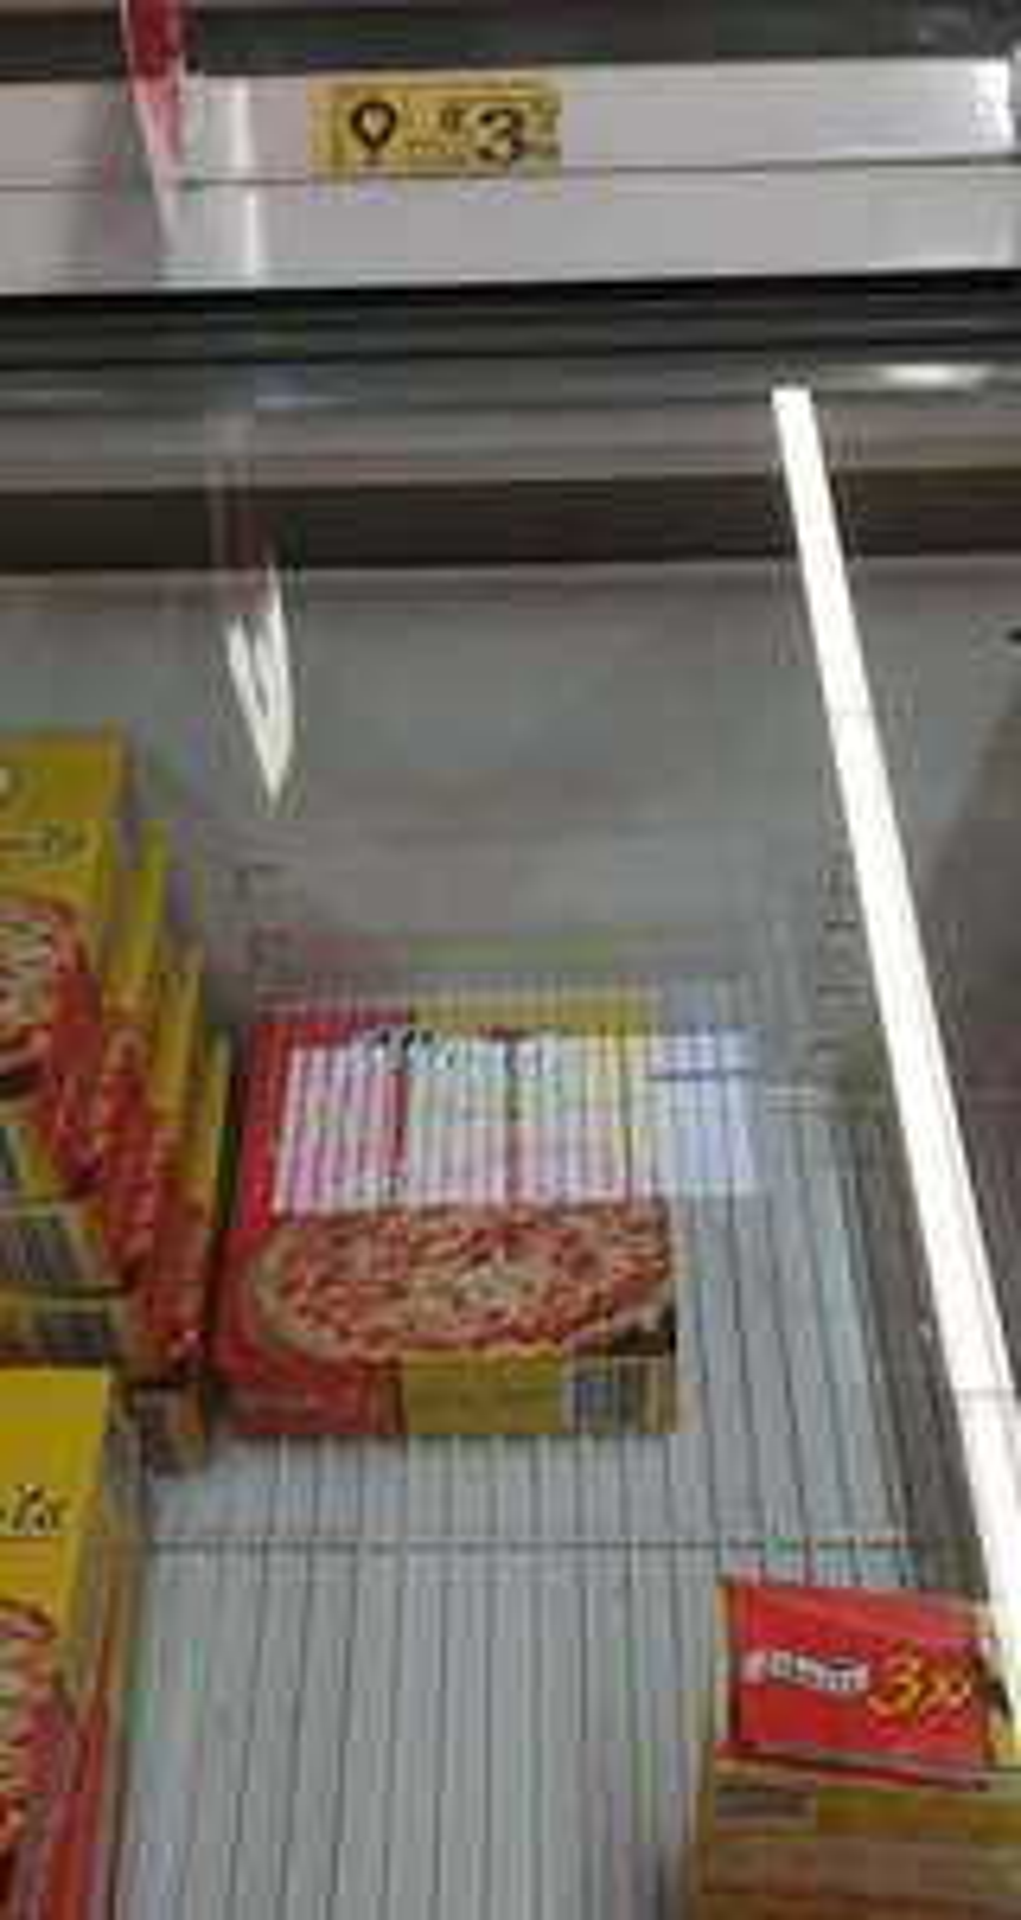 Auchan Katowice 3 stawy 3x pizza Alberto z szynką